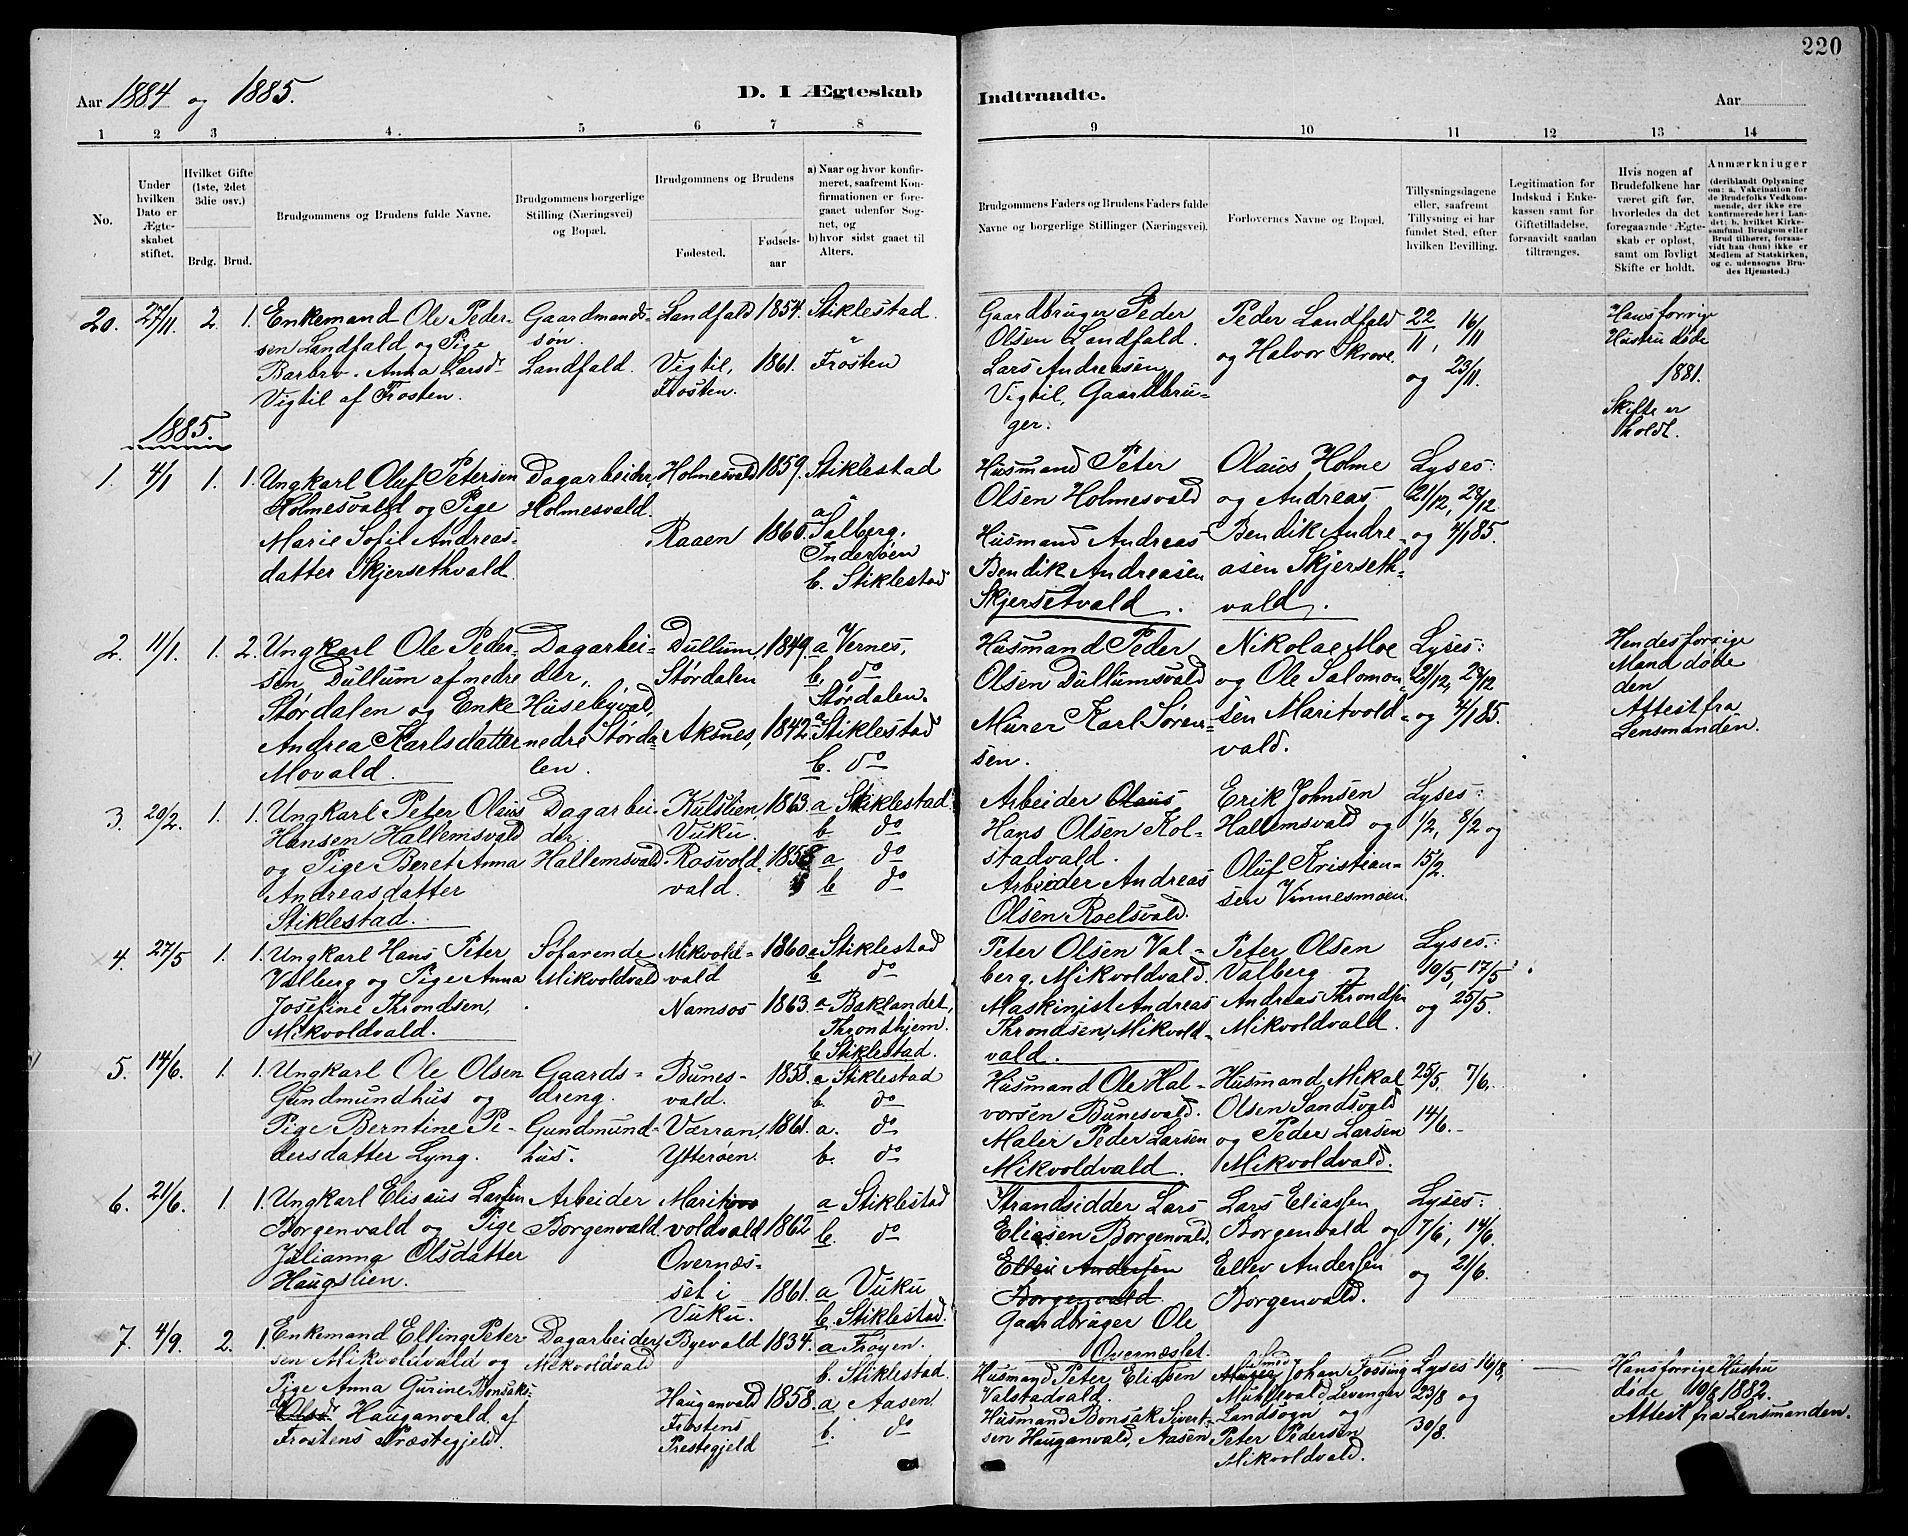 SAT, Ministerialprotokoller, klokkerbøker og fødselsregistre - Nord-Trøndelag, 723/L0256: Klokkerbok nr. 723C04, 1879-1890, s. 220